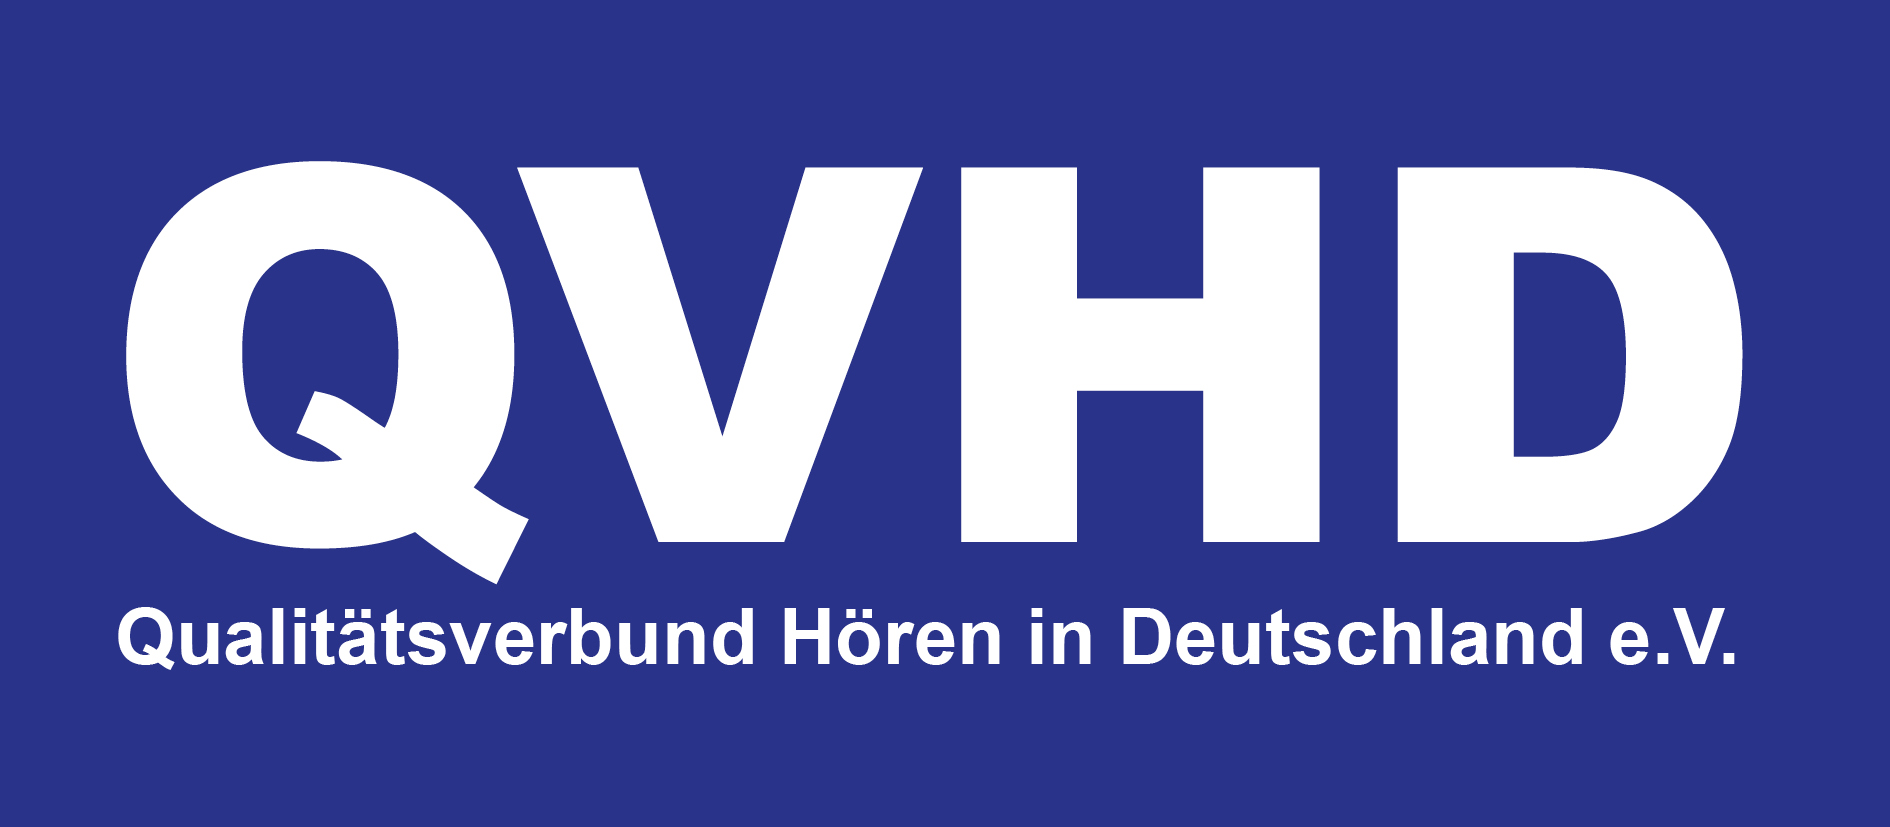 Qualitätsverbund Hören in Deutschland e.V.